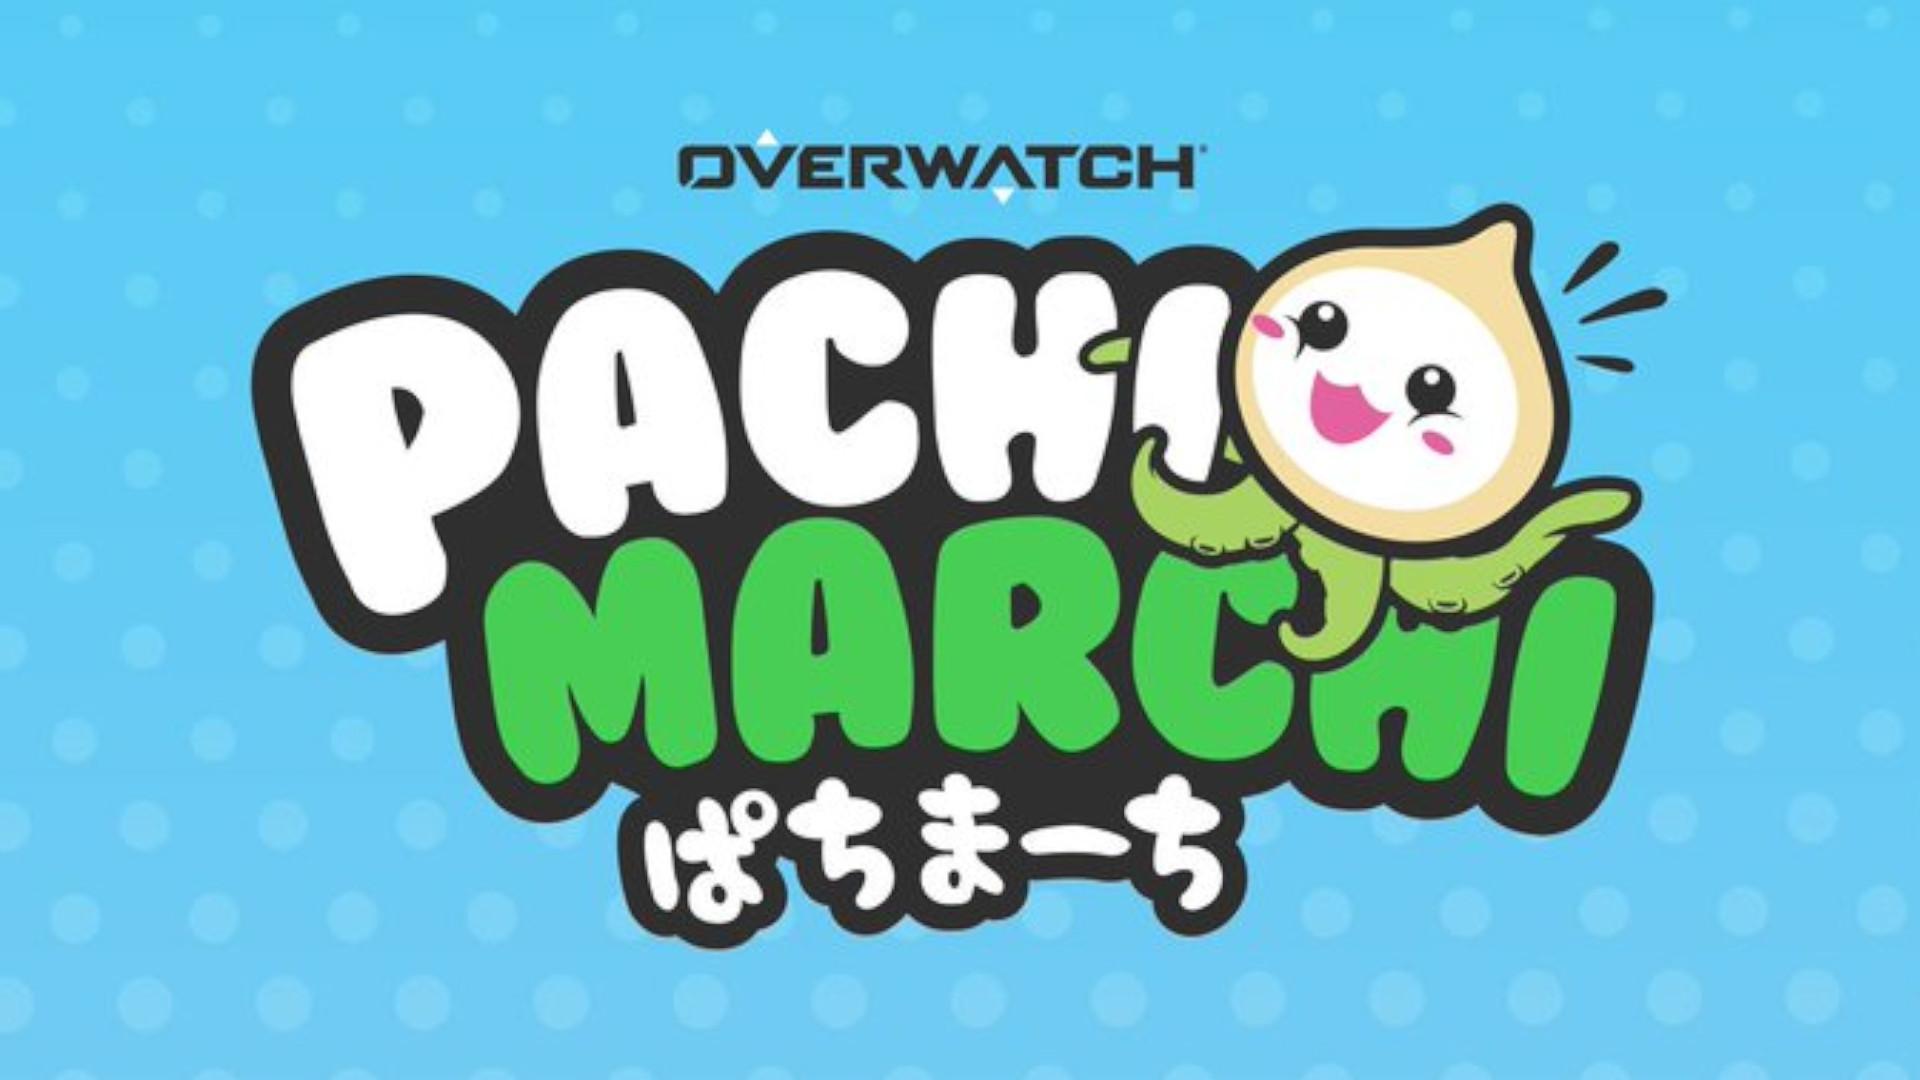 Overwatch's PachiMarchi challenge promises adorable terror